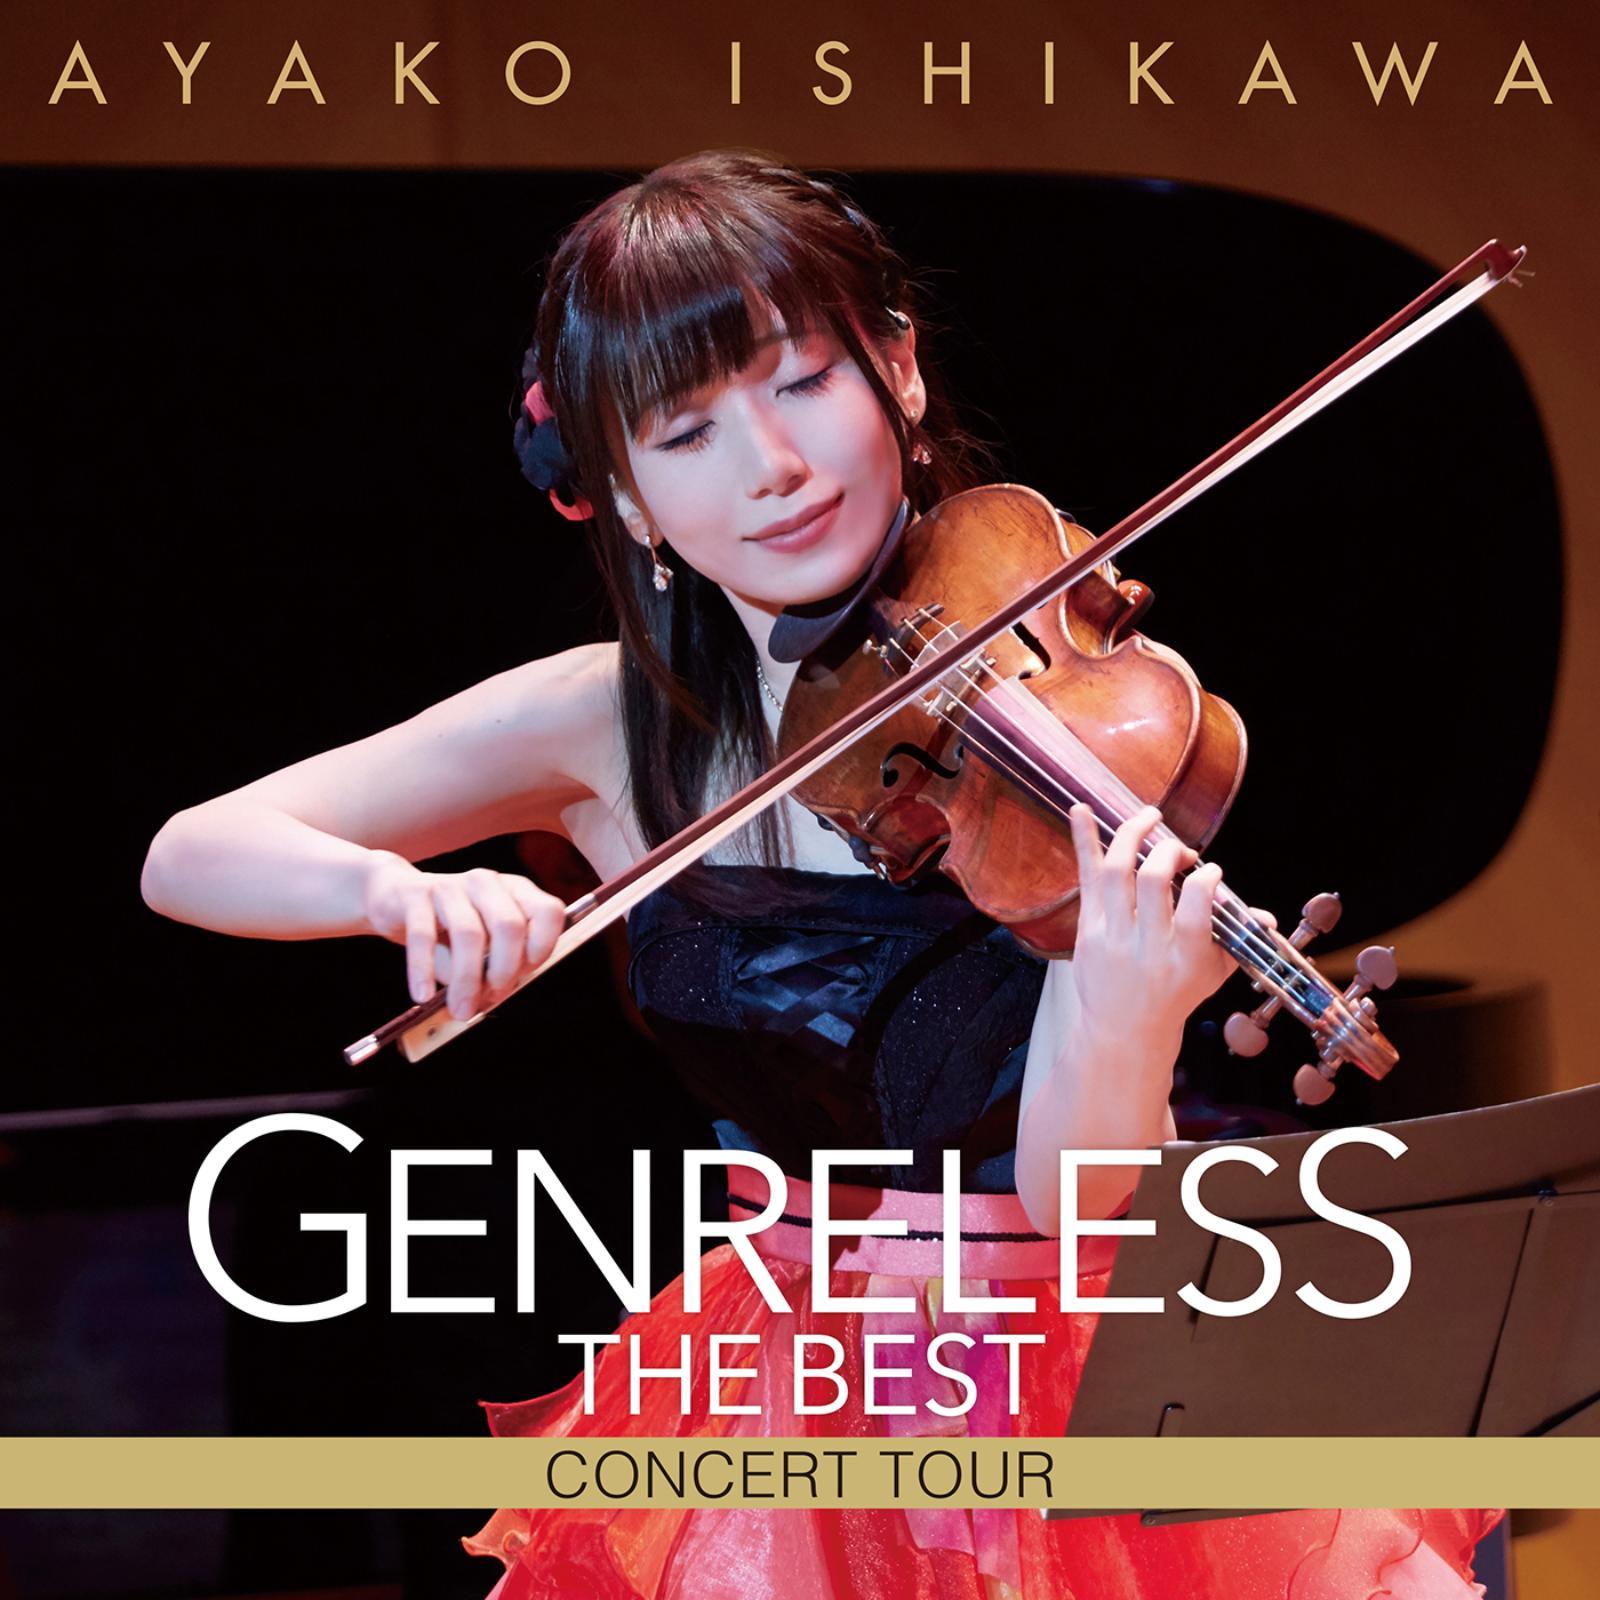 石川綾子 (Ayako Ishikawa) – ジャンルレス THE BEST コンサートツアー (Genreless THE BEST Concert Tour) [Ototoy FLAC 24bit/192kHz + Blu-Ray ISO]